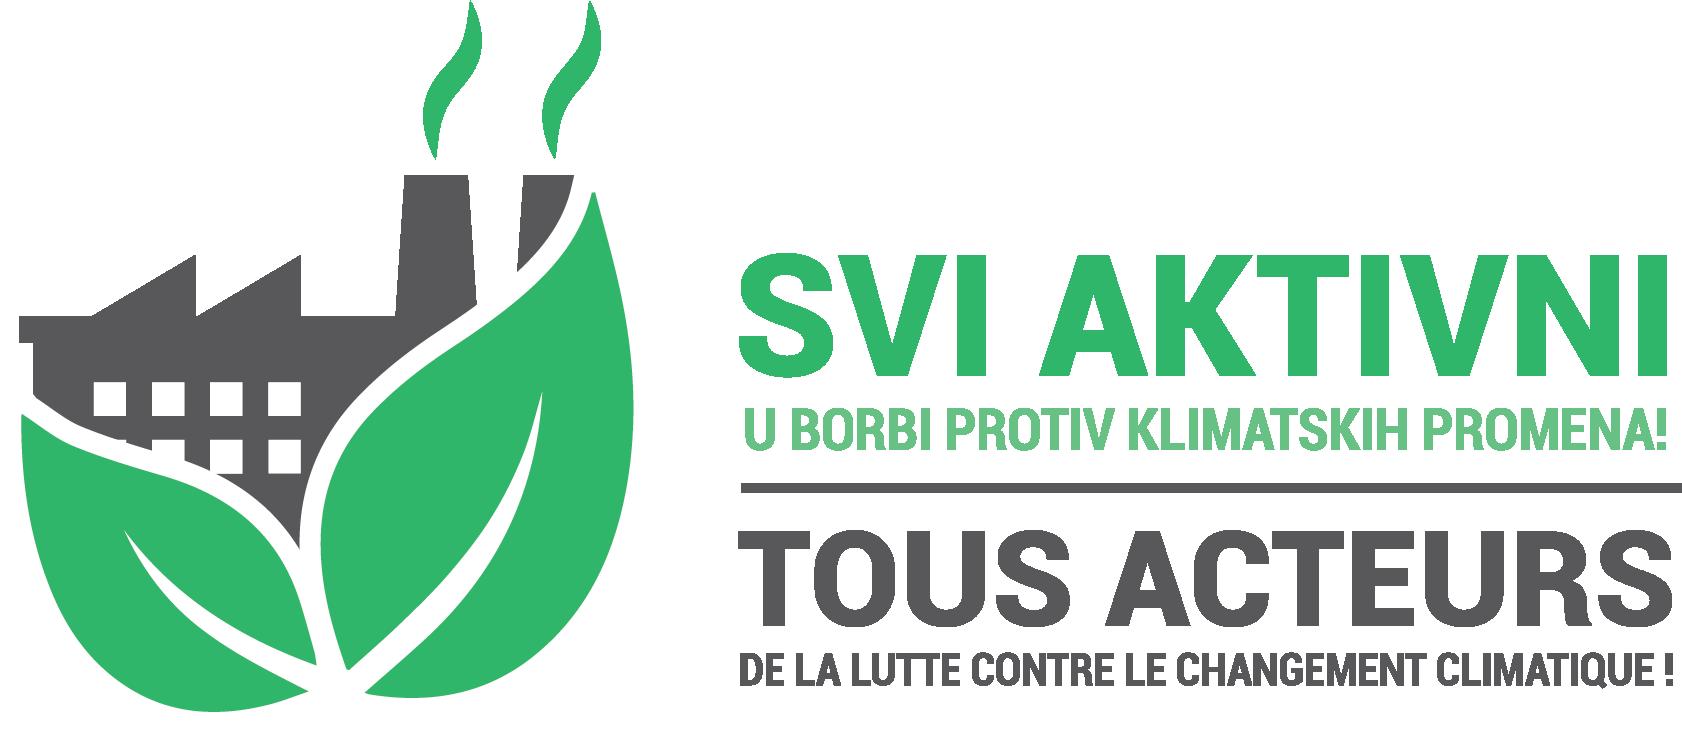 Karavan_za_klimu_Logo